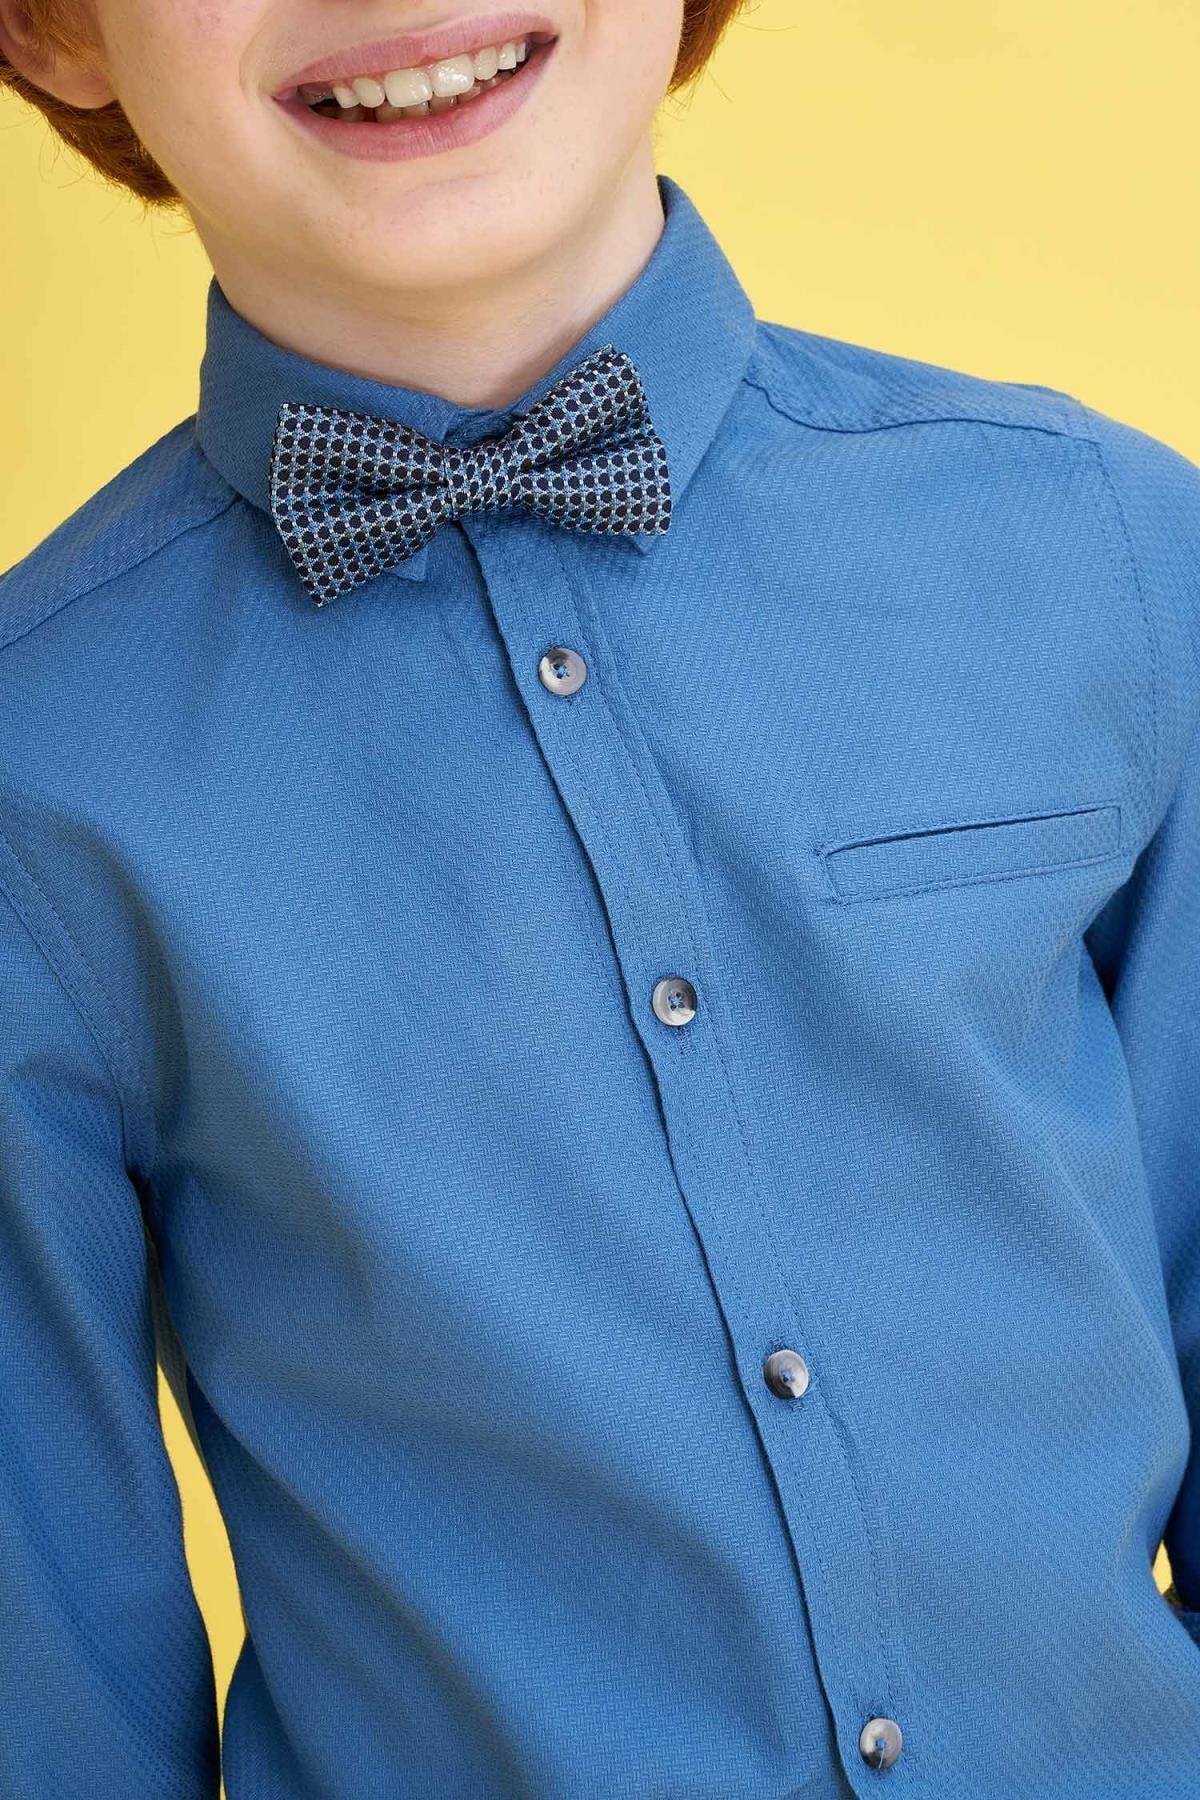 Defacto Erkek Çocuk Papyonlu Pamuklu Kolları Katlanabilir Gömlek 1